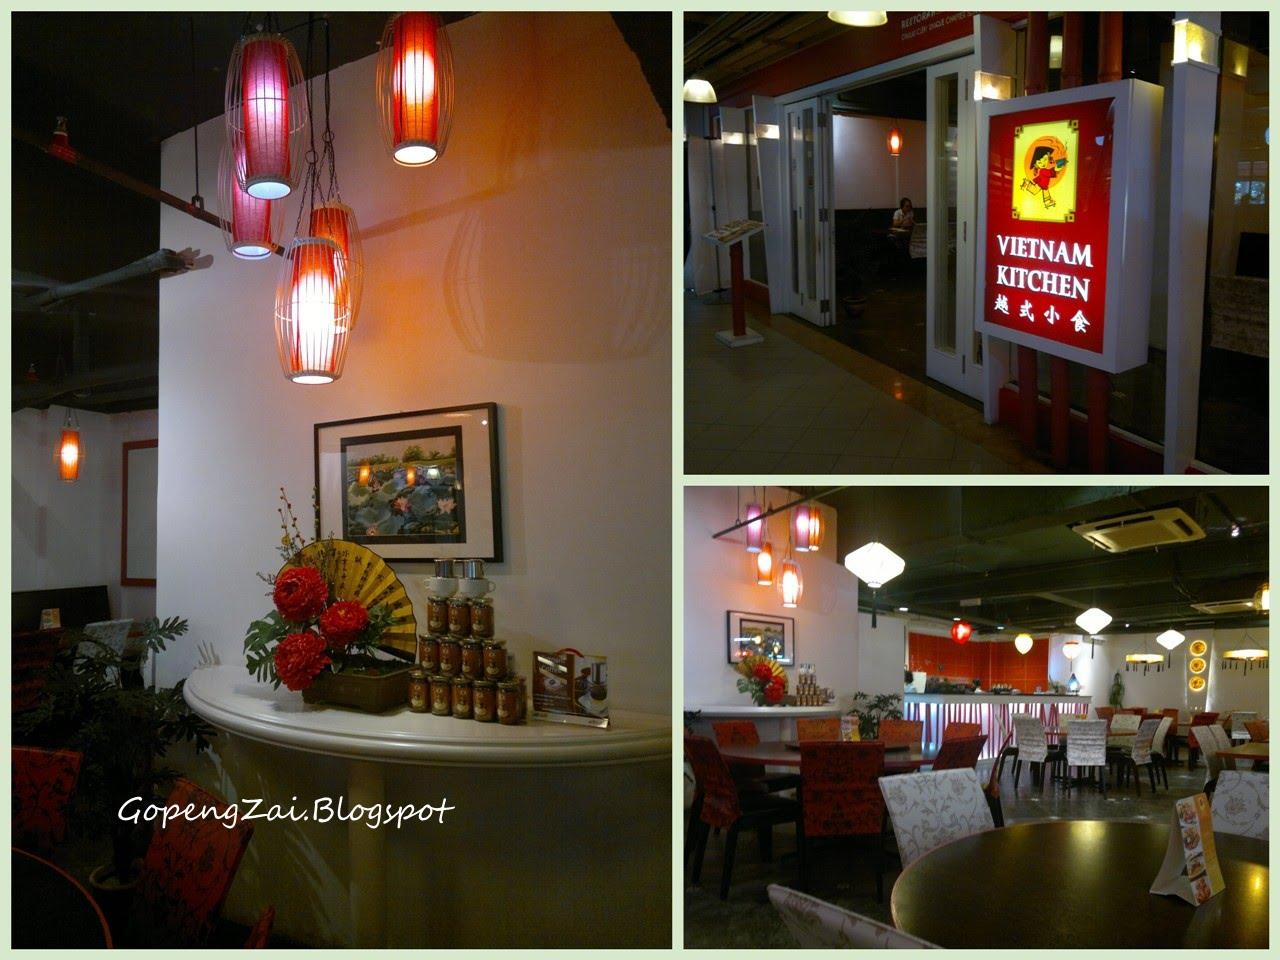 Vietnam Kitchen   OUG Plaza  Gopeng Zais blog